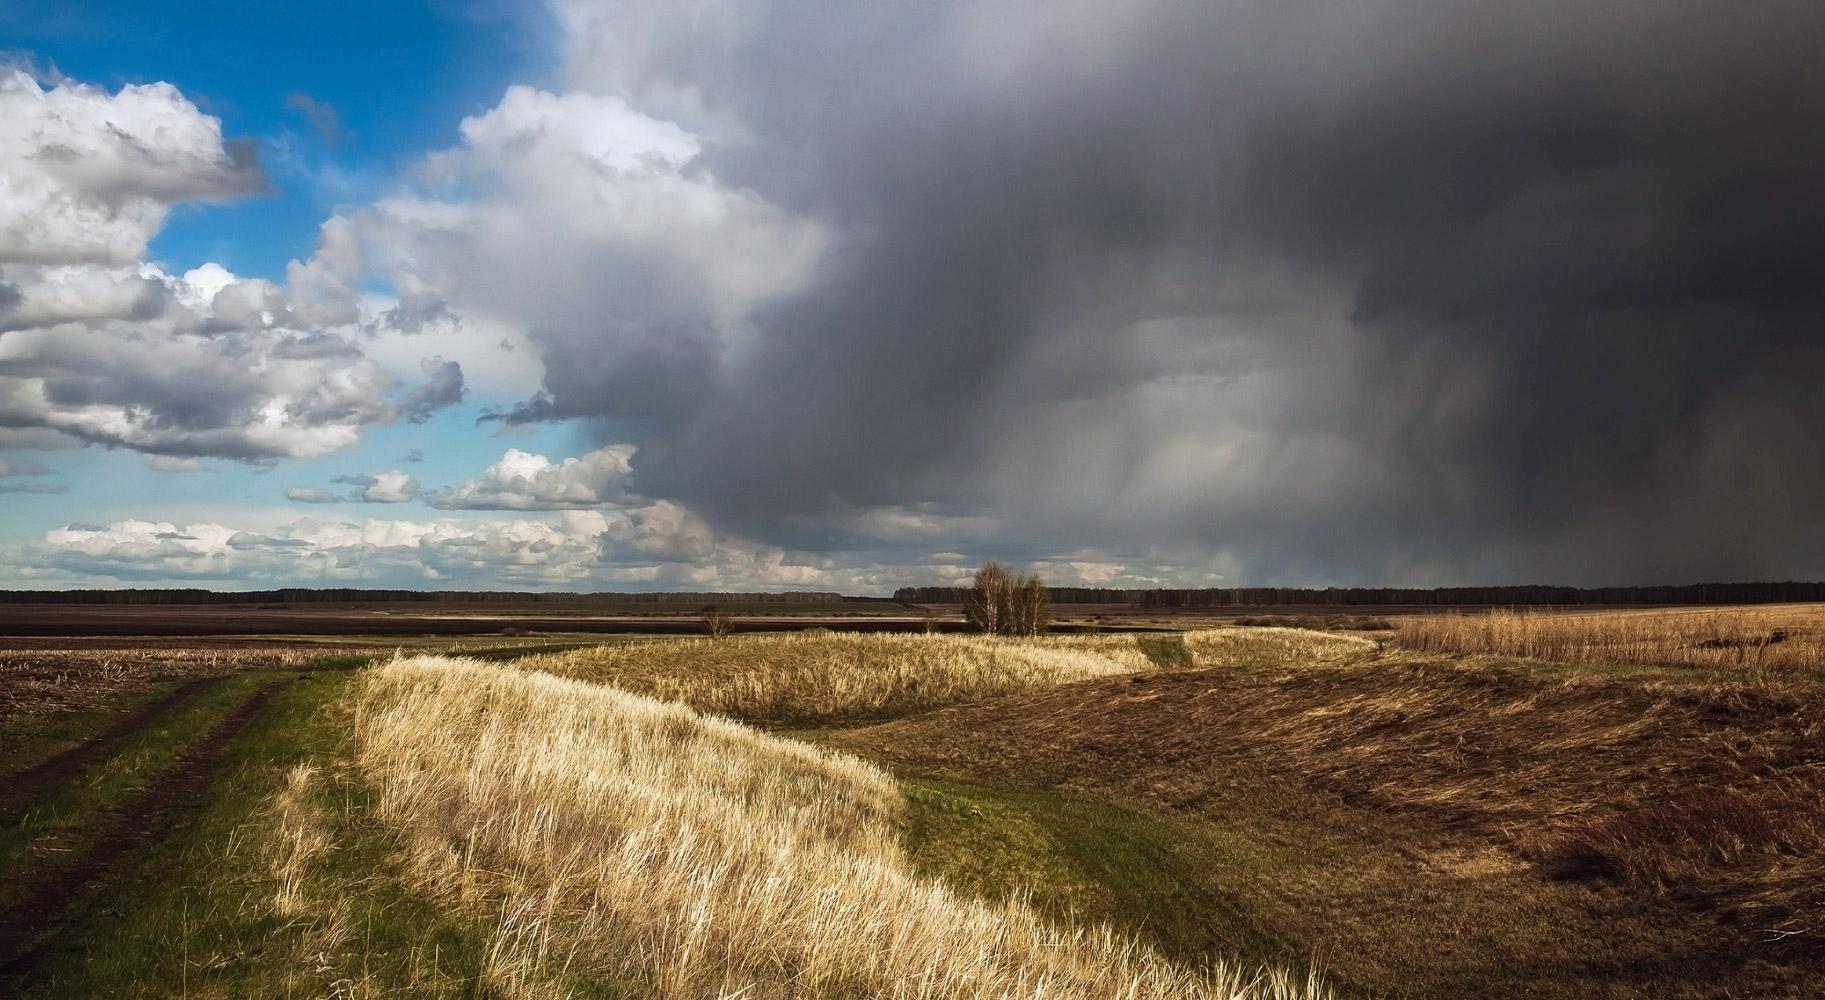 """фото """"Весенние контрасты"""" метки: пейзаж, мелкий град, прошлогодняя трава, свежая зелень, синее  небо, черные тучи"""